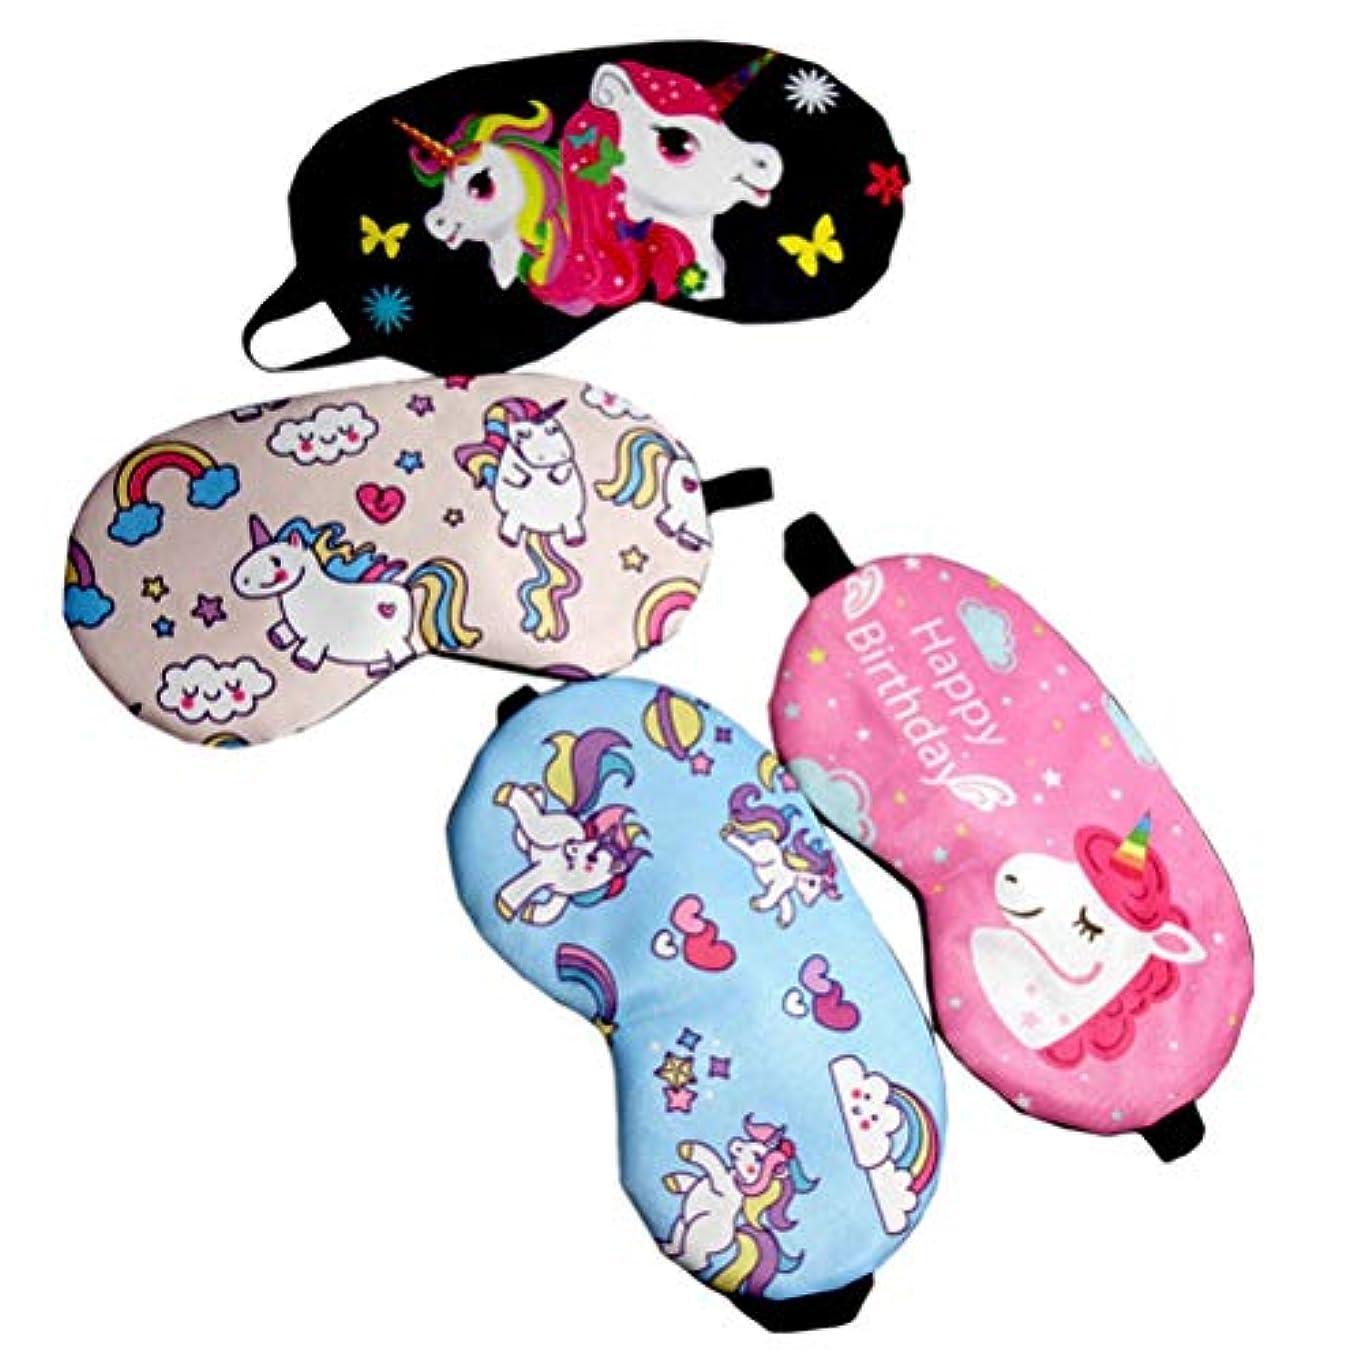 歩道比率有効子供のためのBeaupretty 4PCSユニコーン睡眠マスクカバー軽量目隠しソフトアイマスク(ブラック+ローズレッド+ライトピンク+ライトブルー)